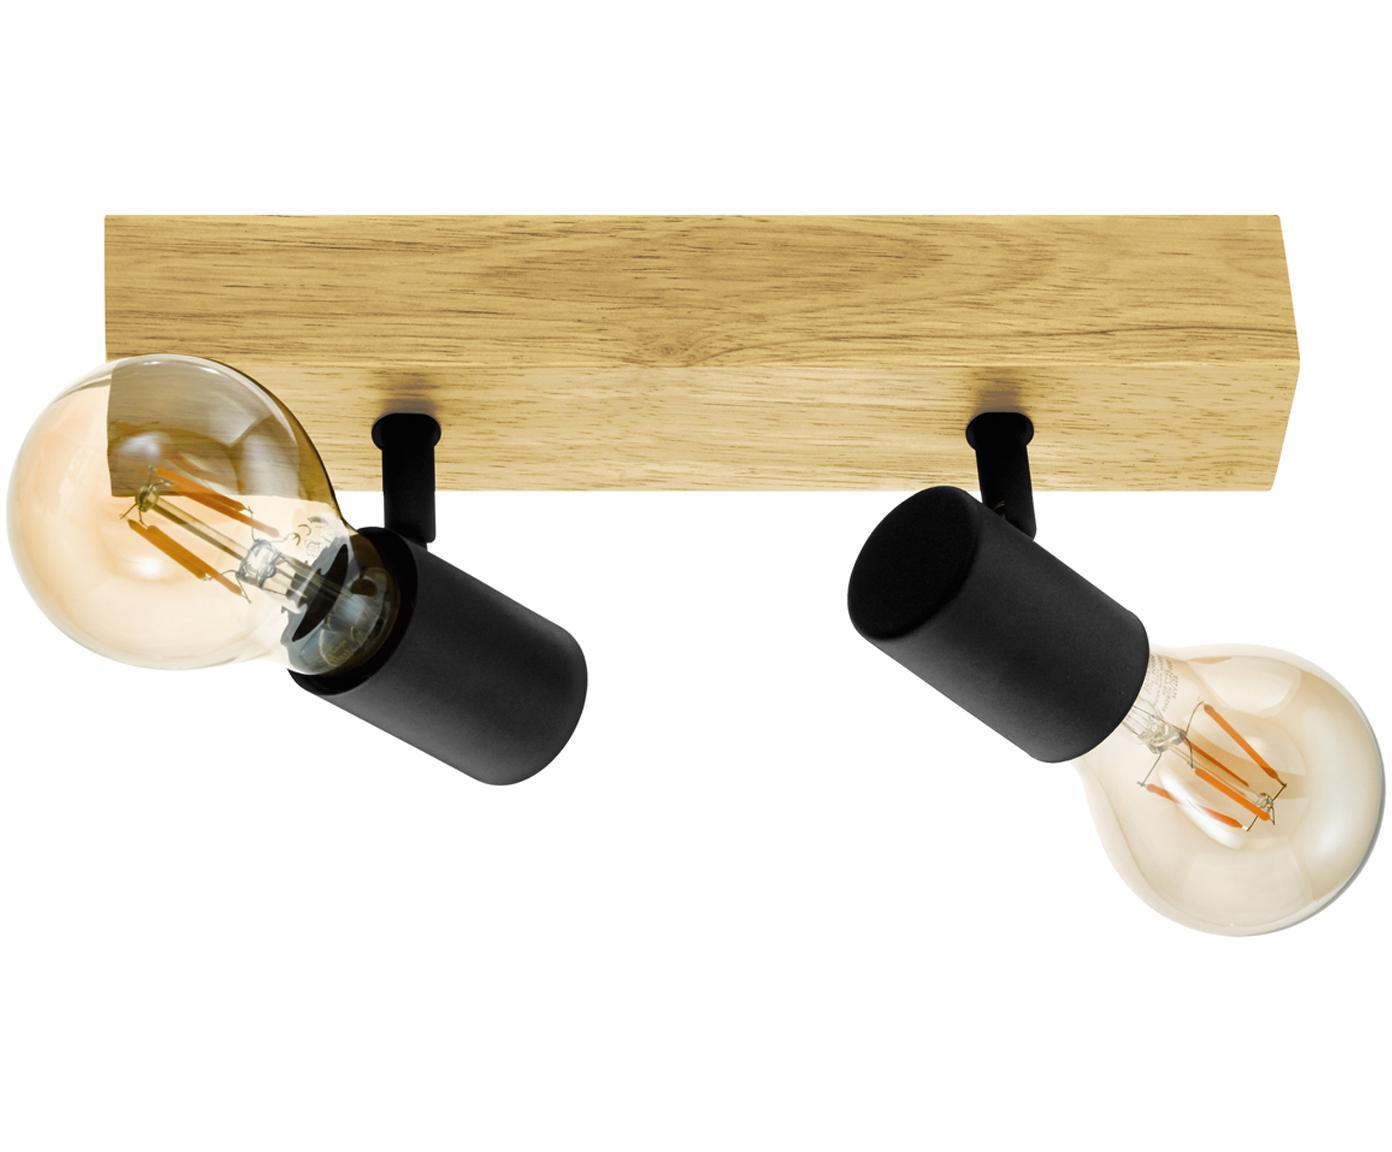 Lampa sufitowa Townshend, Czarny, drewno naturalne, S 30 x W 13 cm